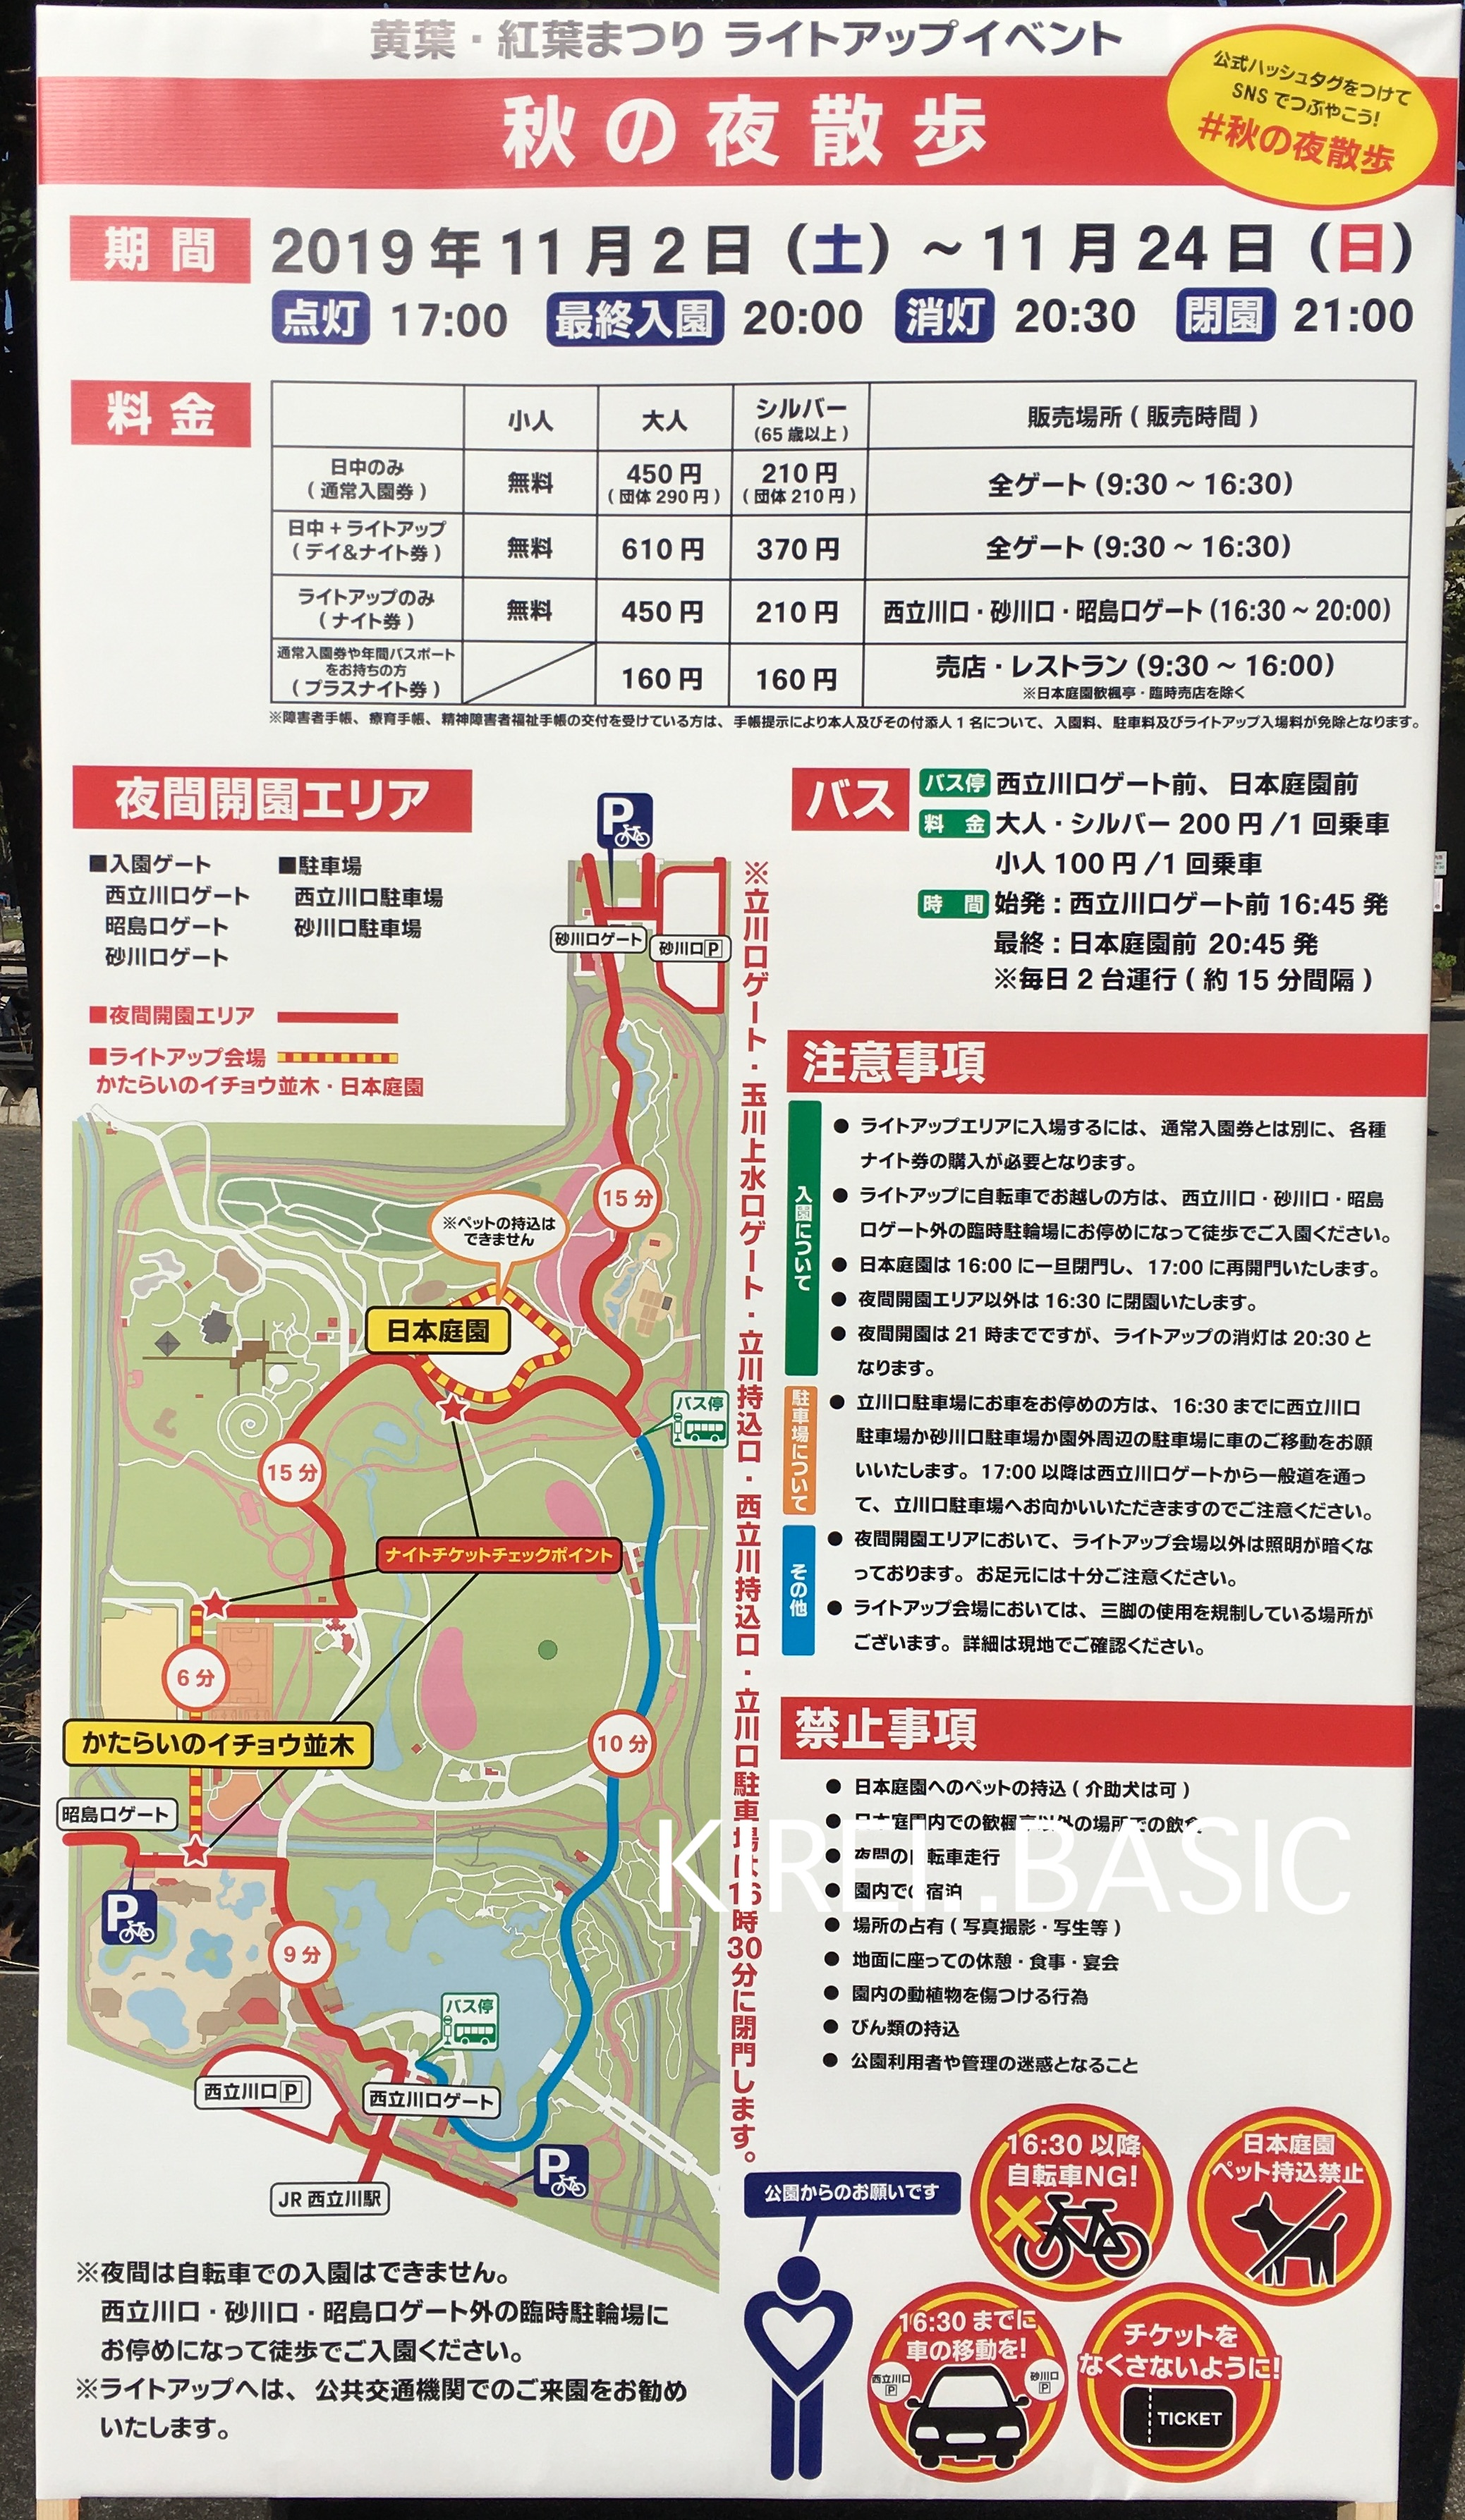 昭和記念公園の秋の夜散歩の看板